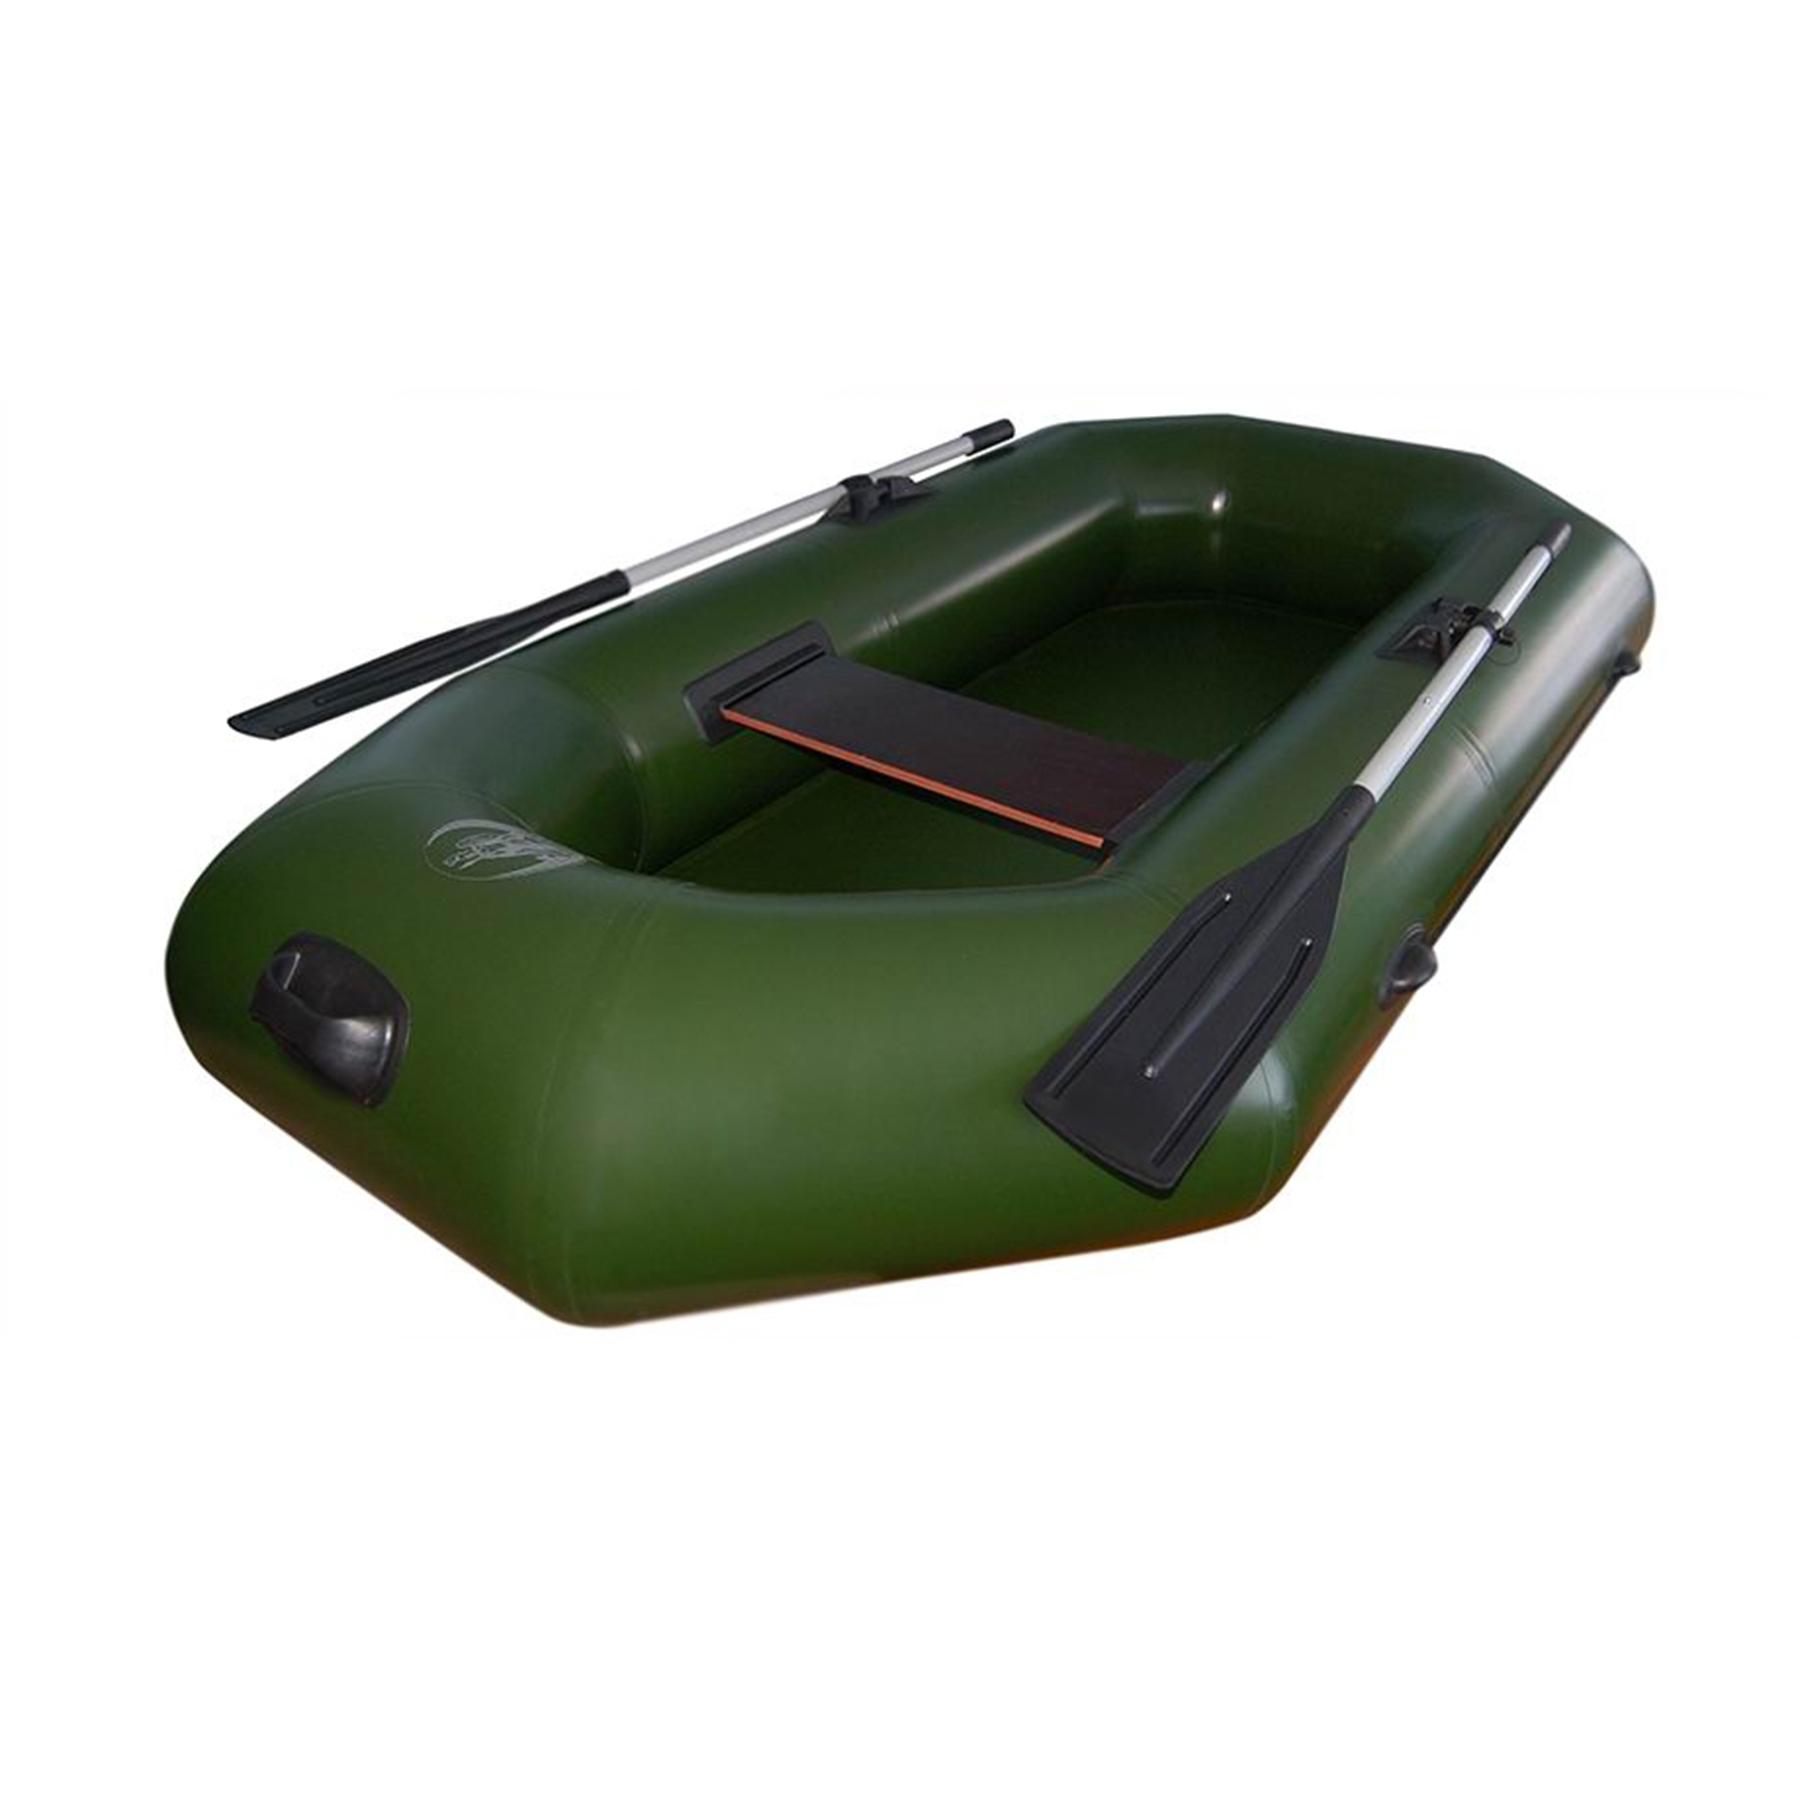 Лодка Олимп - 230 / 235  НД (надув.дно, 230*122см, гр.под.170 кг,2отс.,12 кг,ж.сид.,весла)